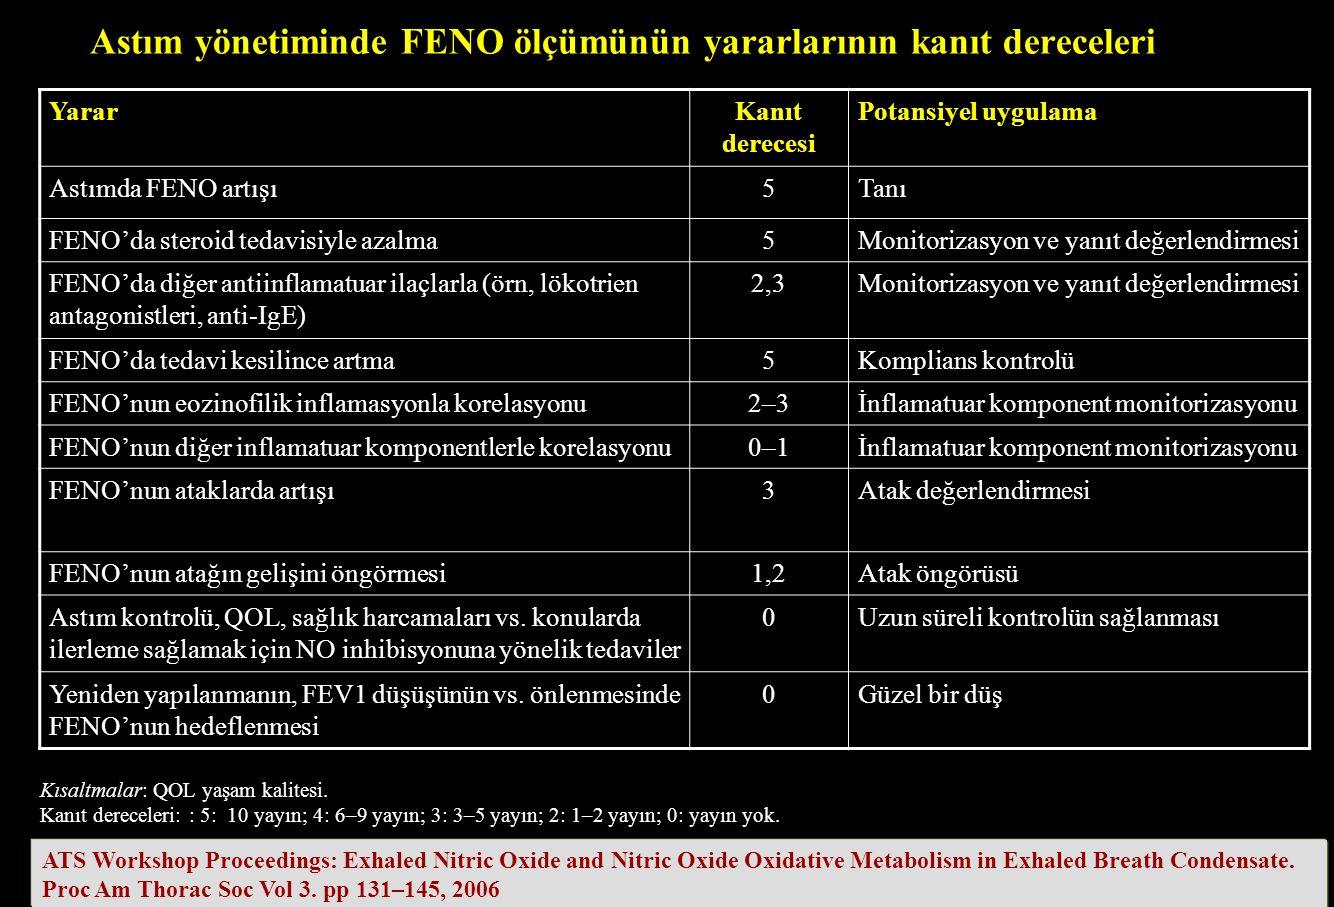 Astım yönetiminde FENO ölçümünün yararlarının kanıt dereceleri